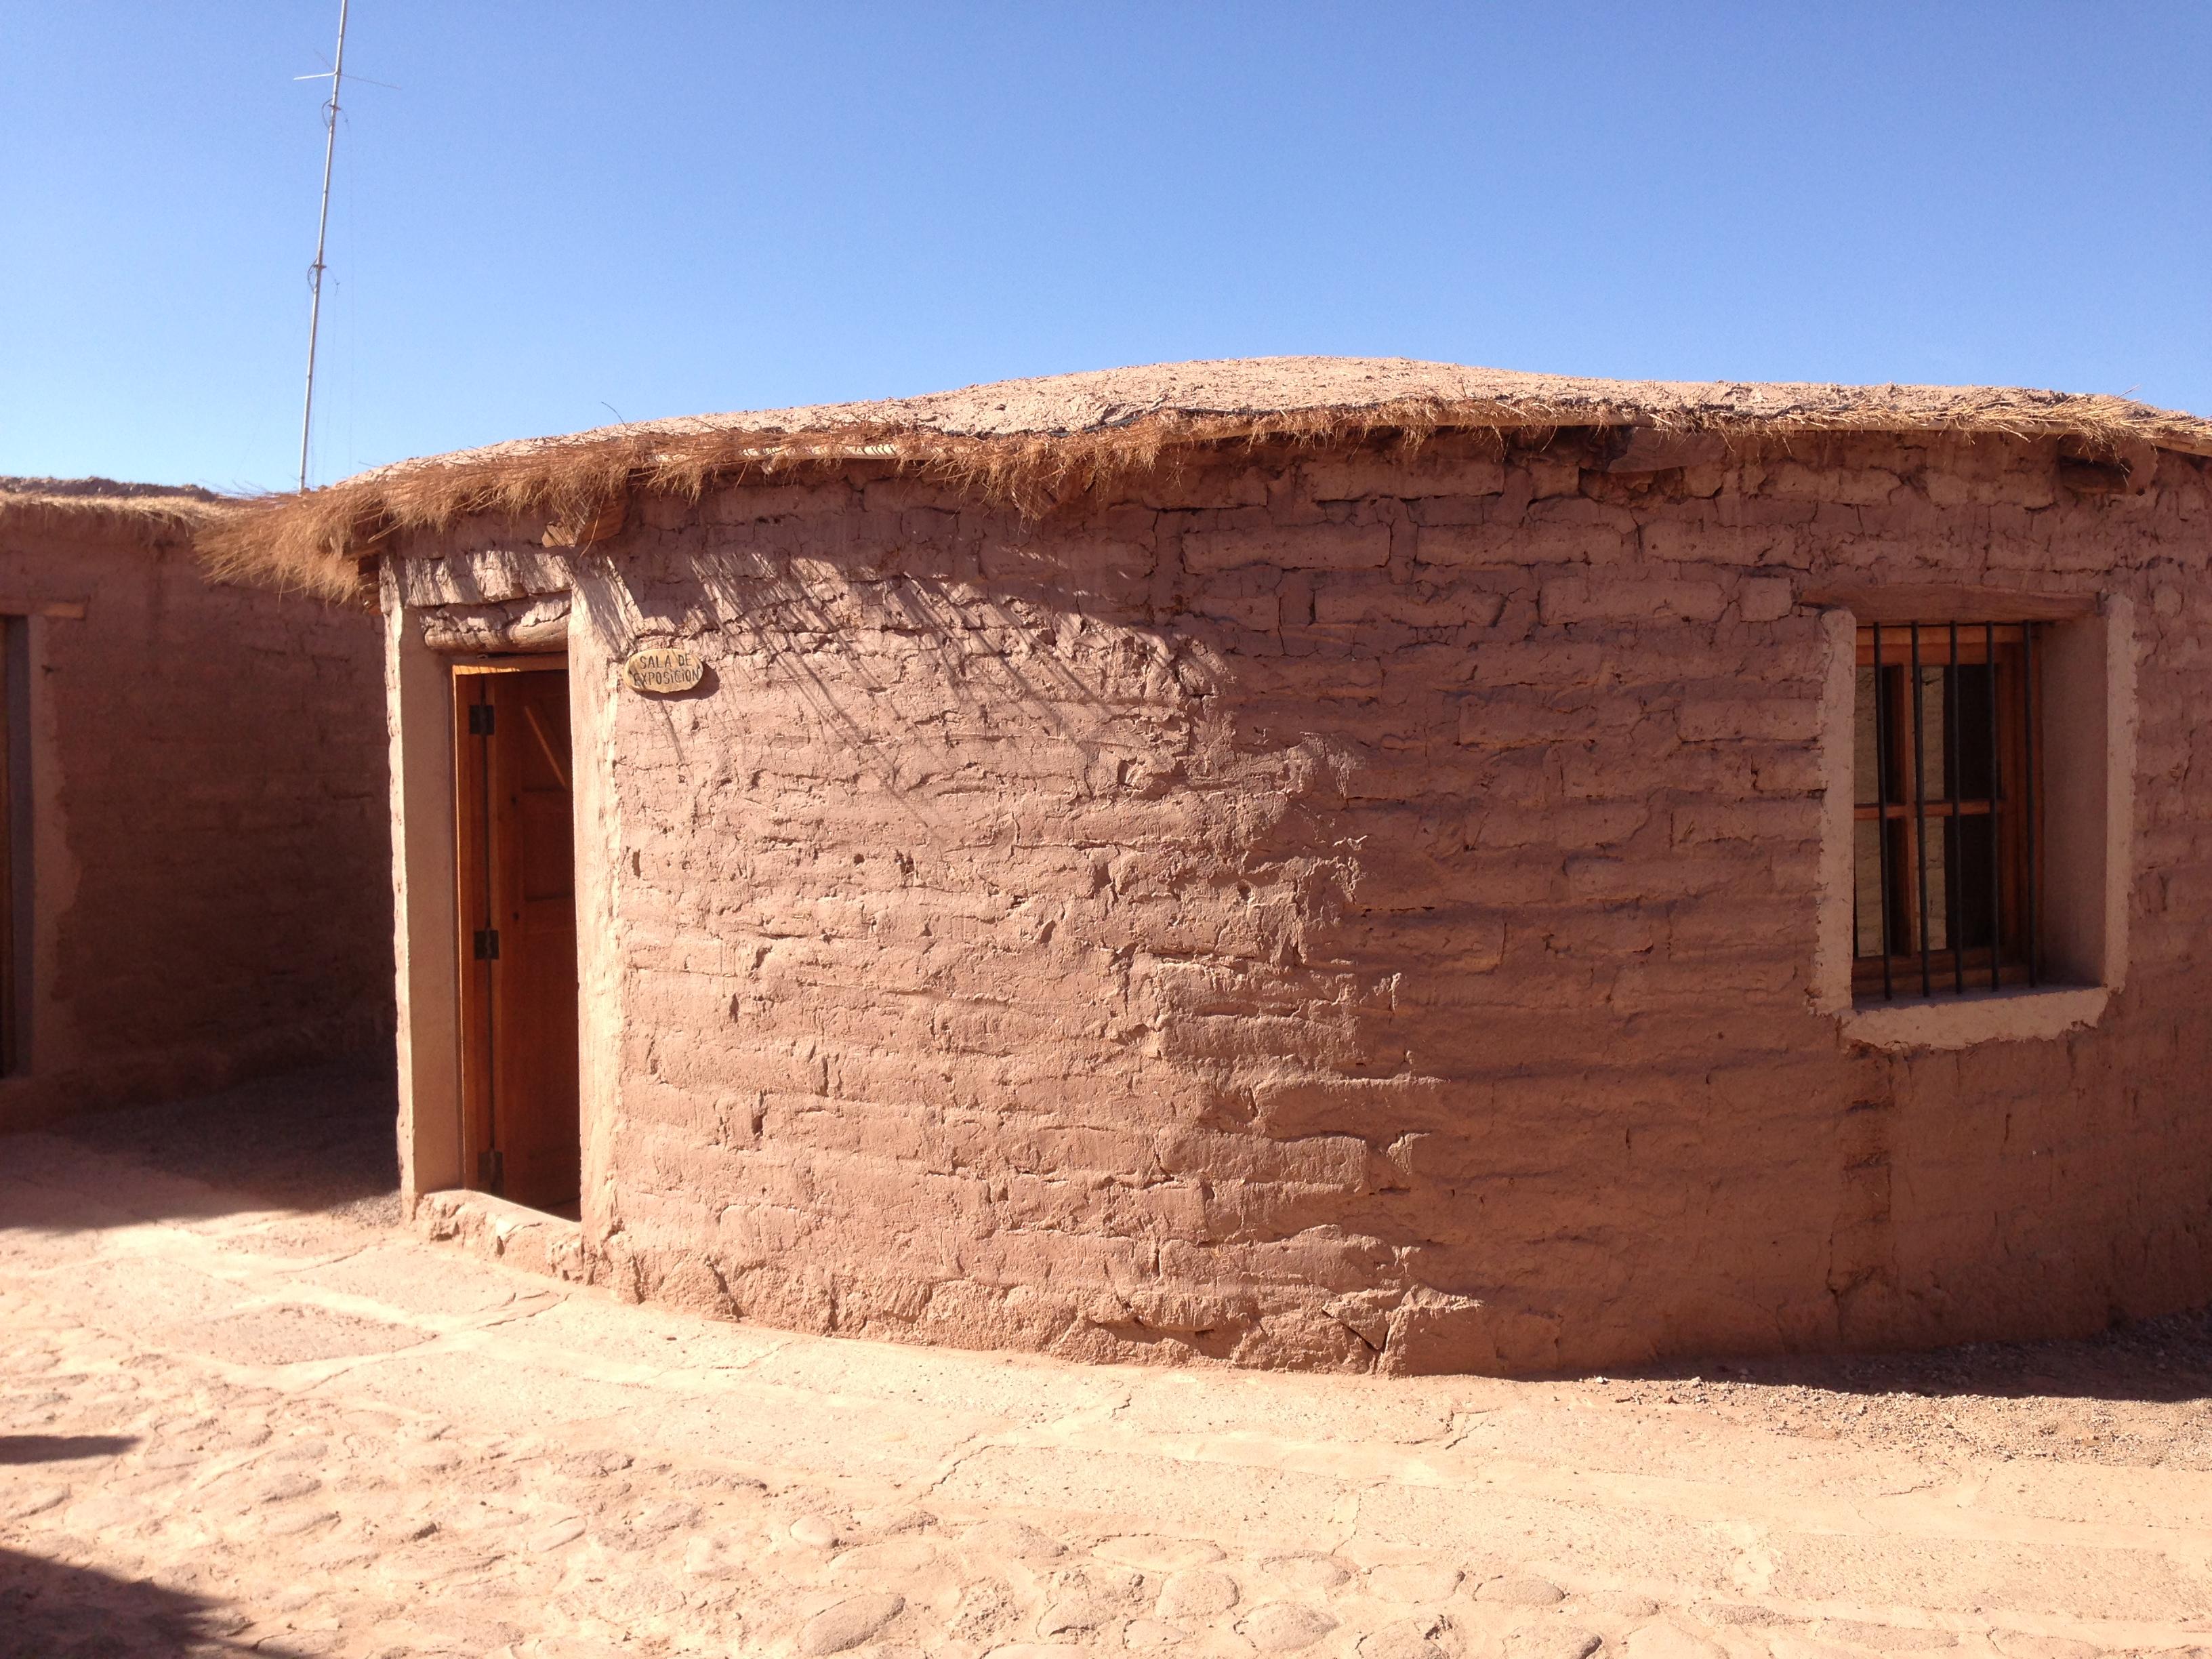 Manual para la construccion de viviendas antisismicas en for Construccion de casas bioclimaticas